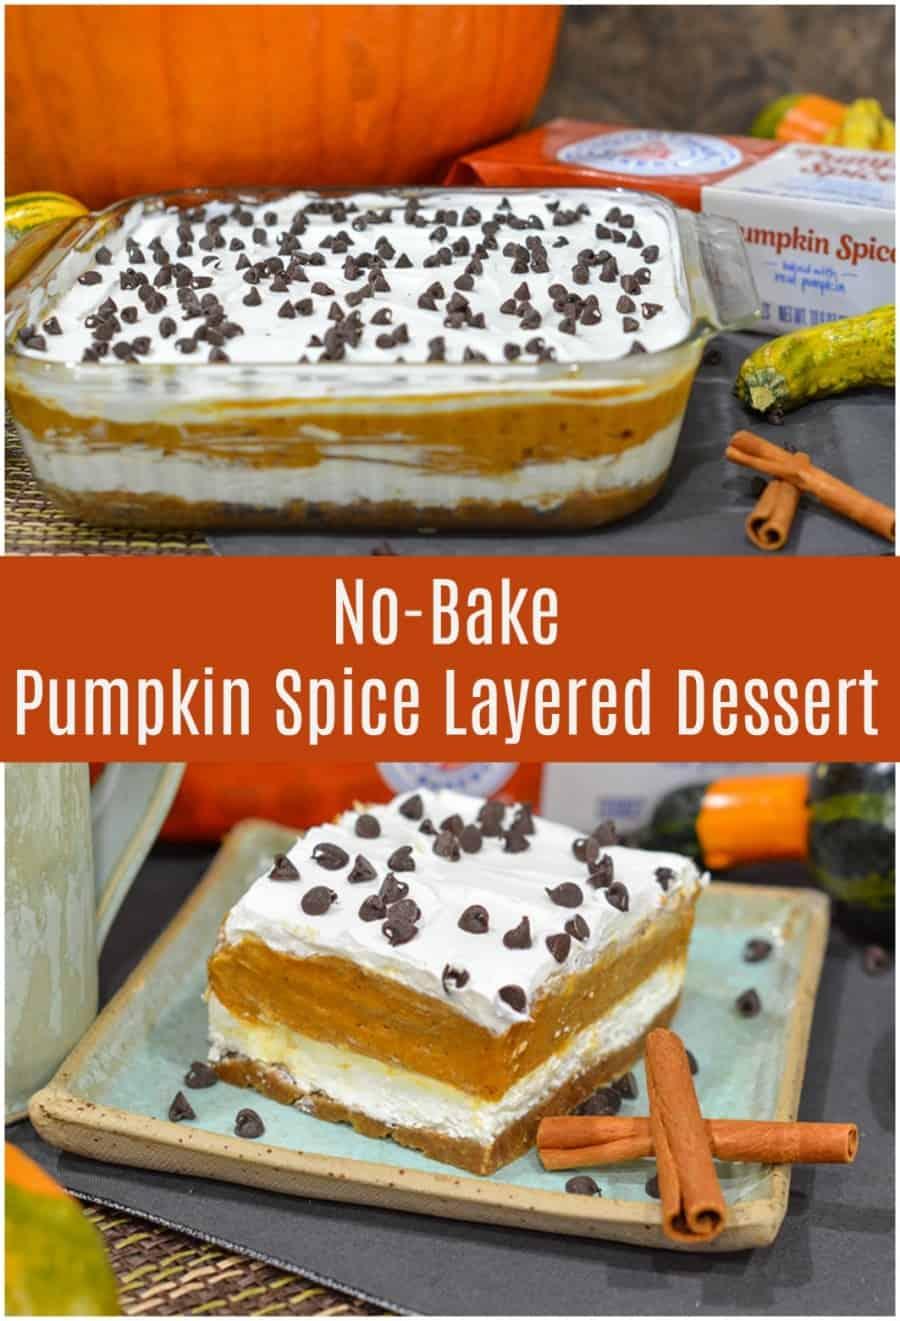 No Bake Pumpkin Spice Layred Dessert